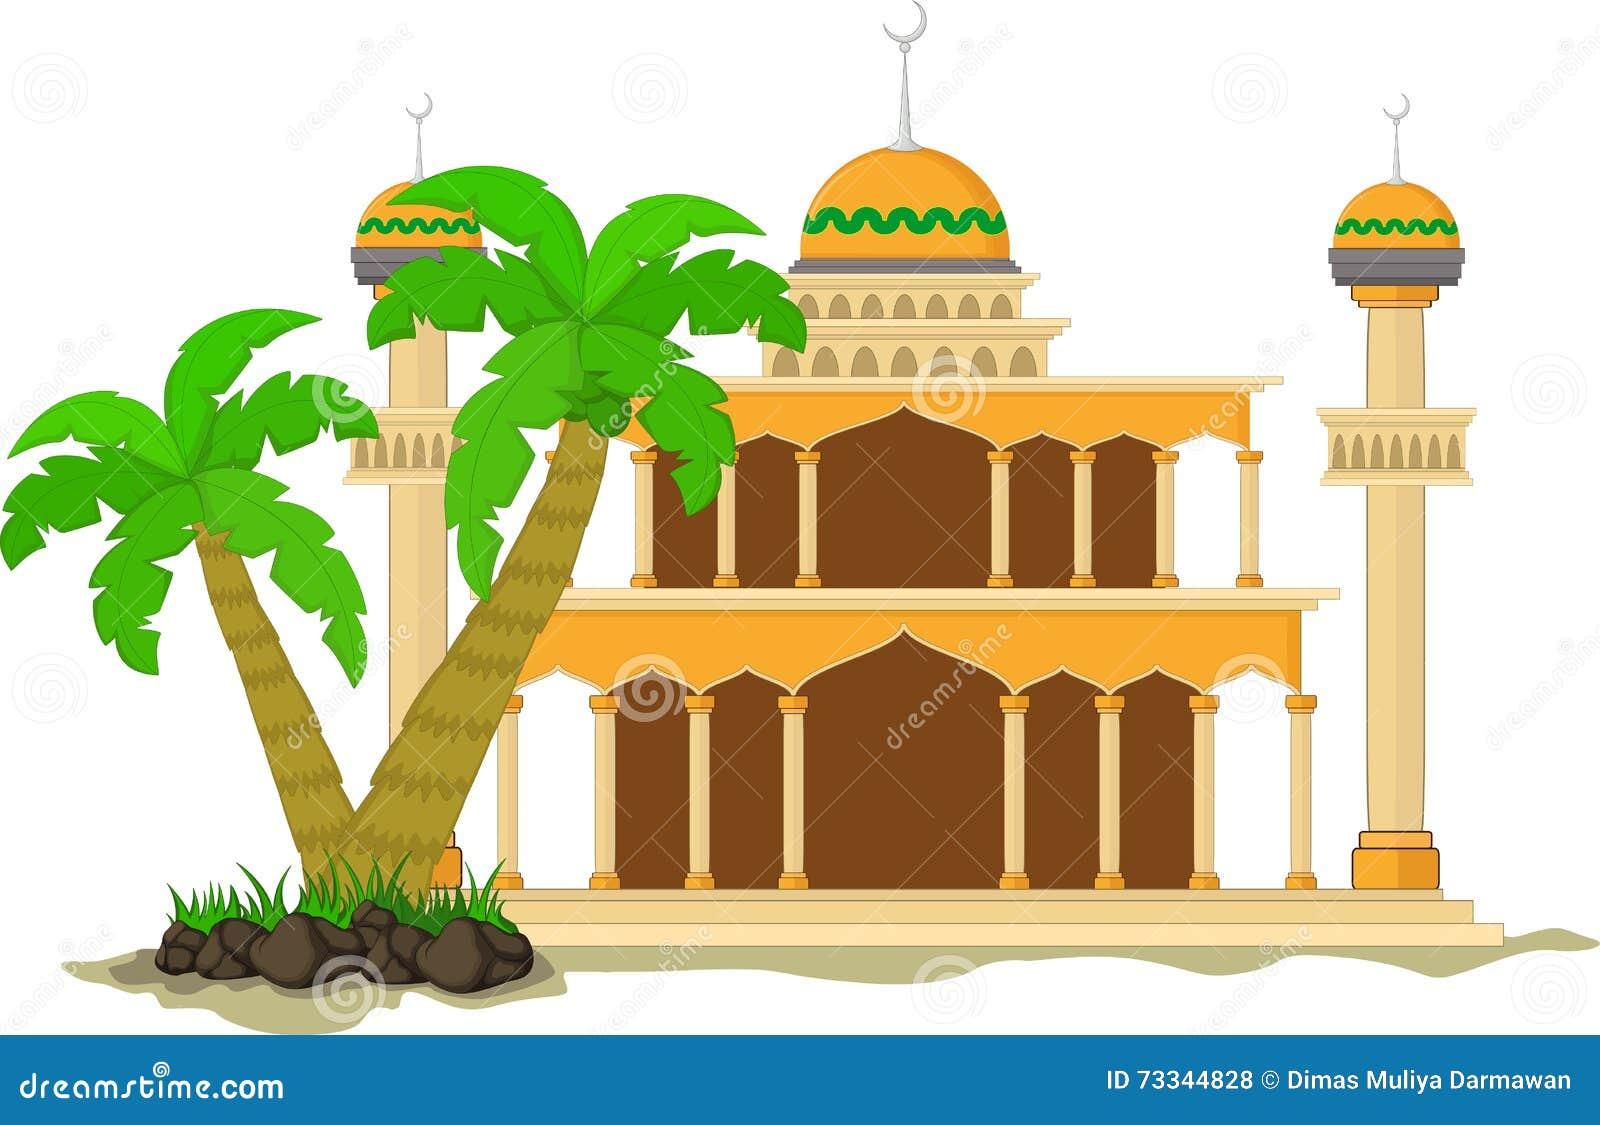 Το μουσουλμανικό μουσουλμανικό τέμενος απομόνωσε την επίπεδη πρόσοψη στο άσπρο υπόβαθρο Επίπεδο με το αντικείμενο αρχιτεκτονικής